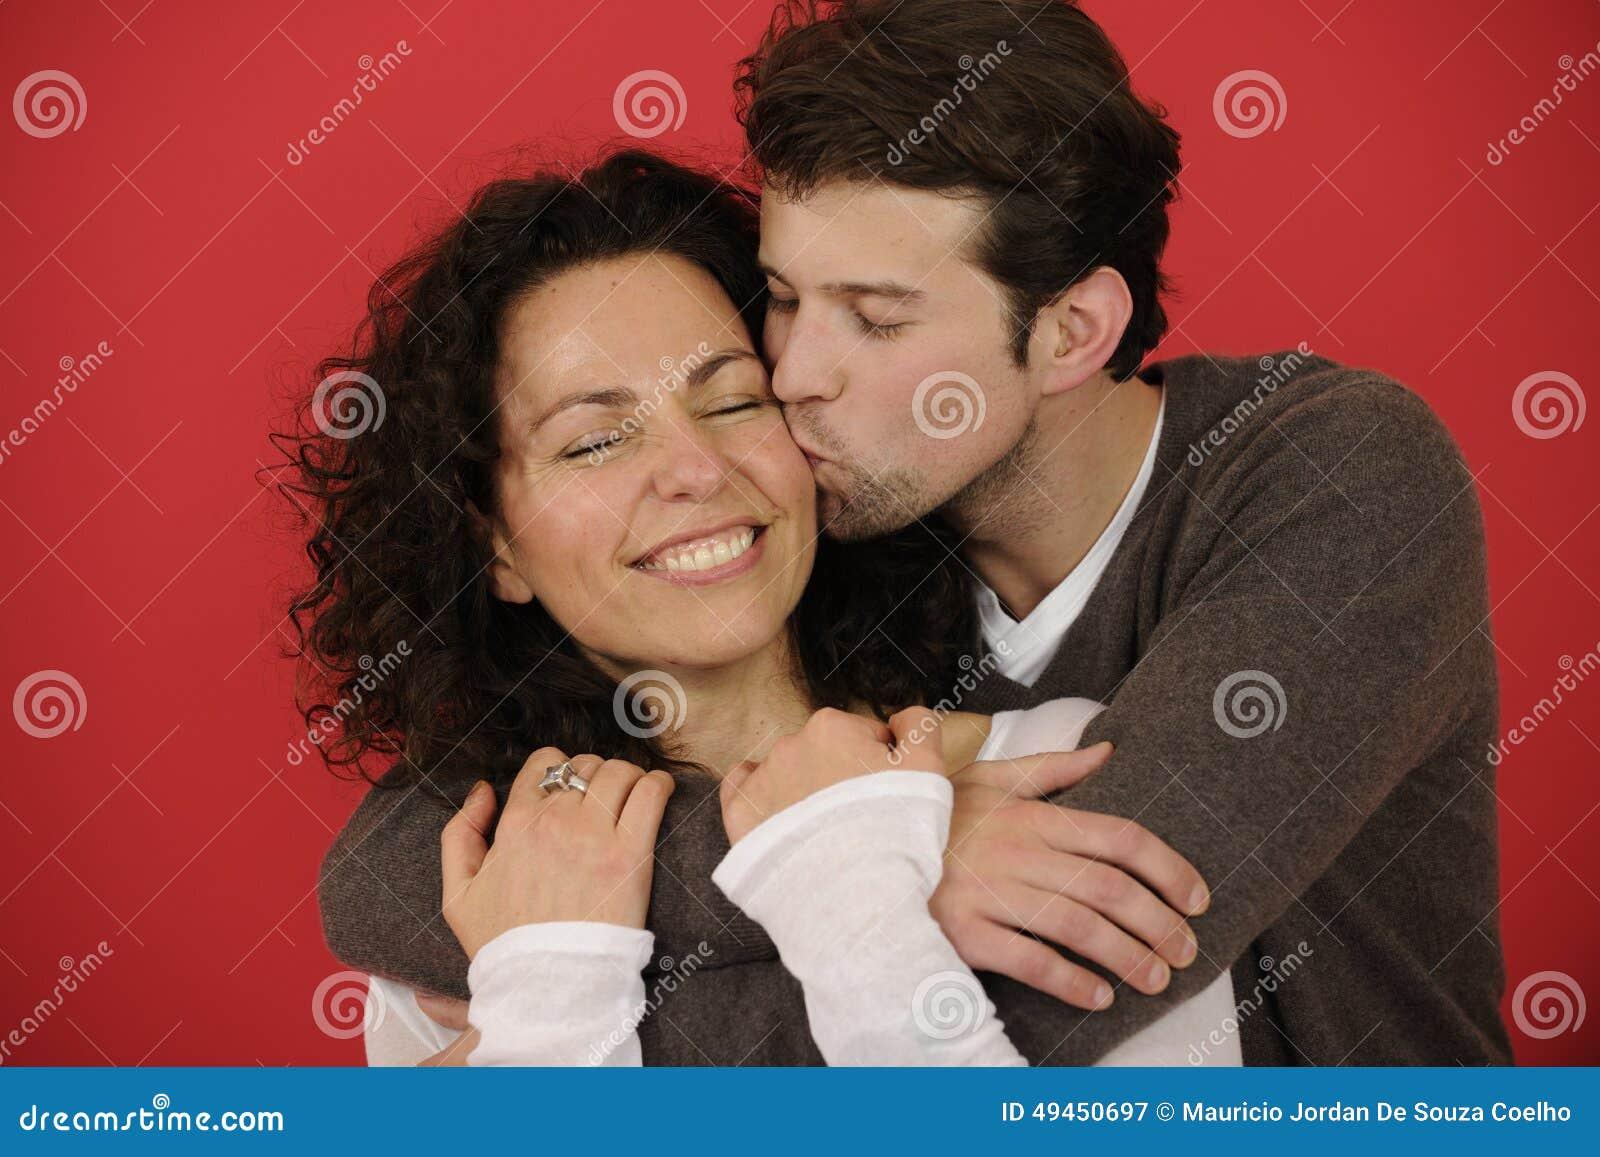 Πορτρέτο ενός ευτυχούς ζεύγους στο κόκκινο υπόβαθρο